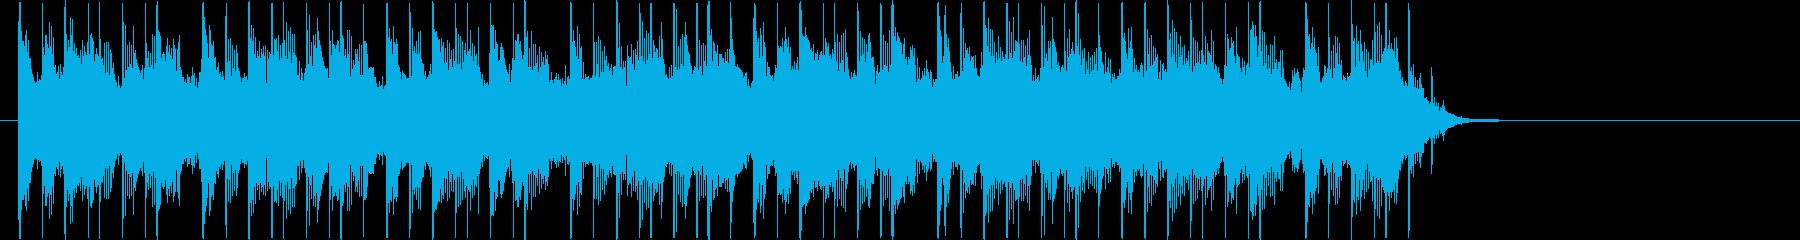 ワイルドで重厚感あるパンクロックジングルの再生済みの波形